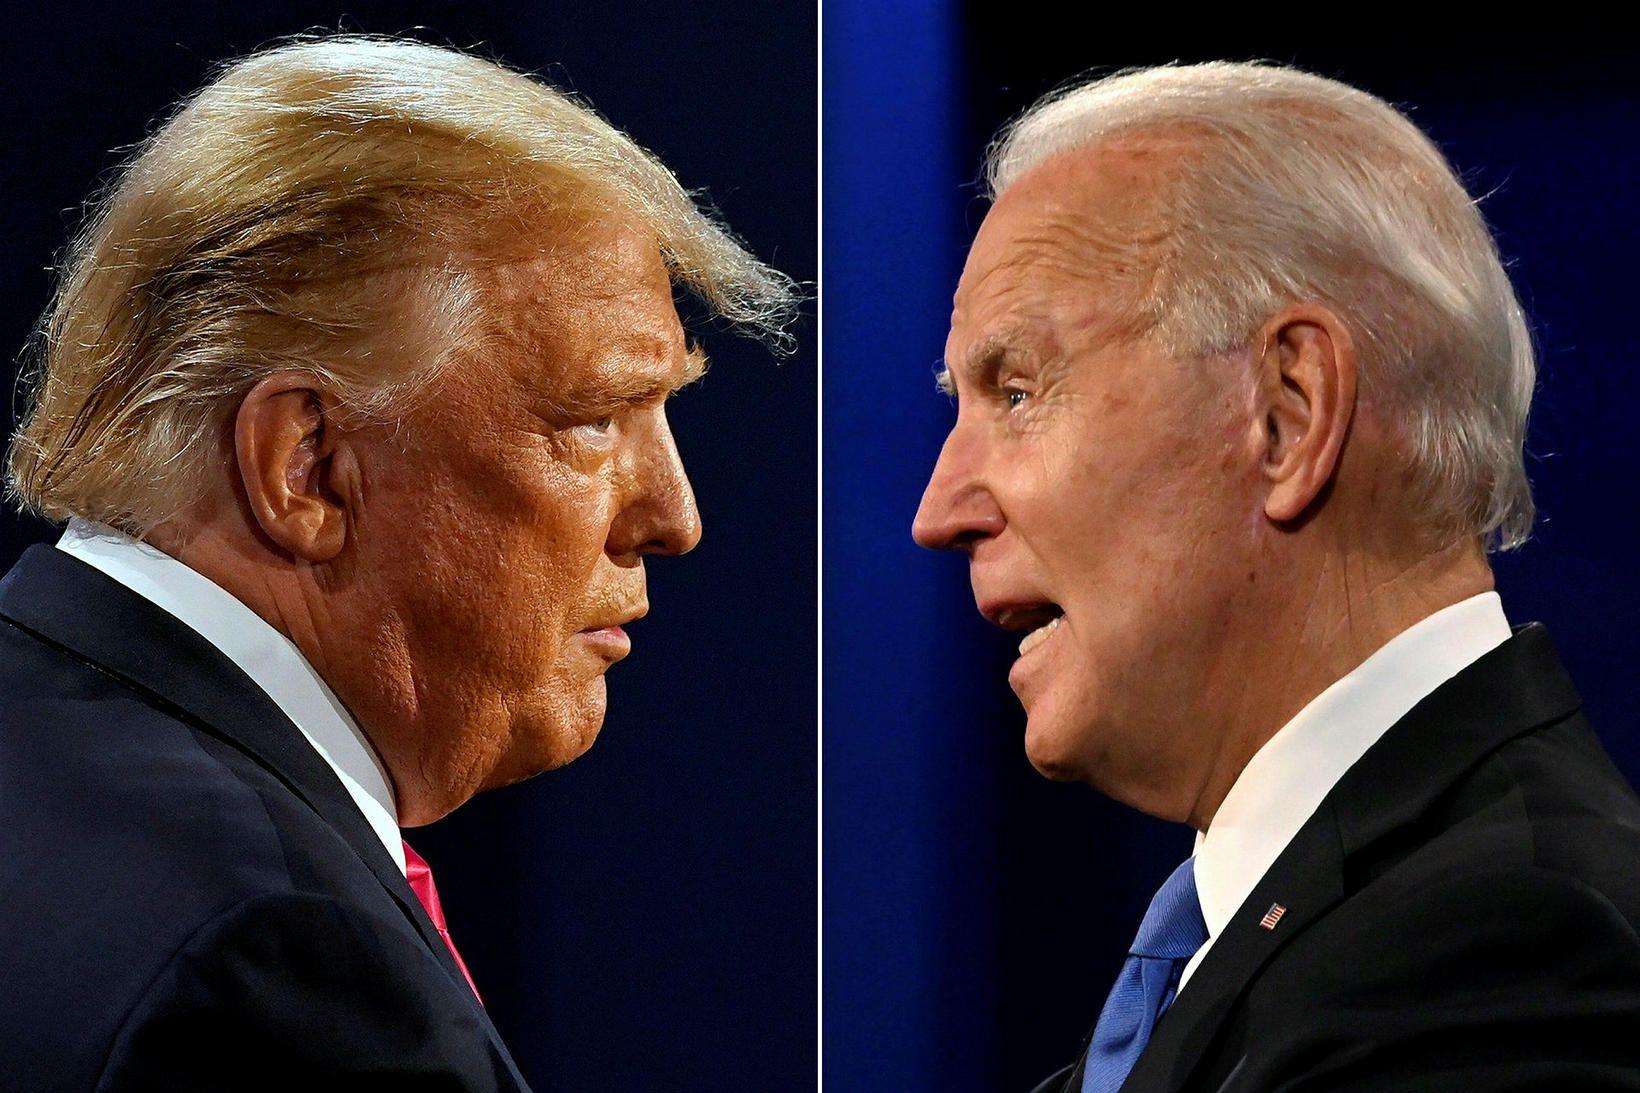 Donald Trump forseti og Joe Biden verðandi forseti.